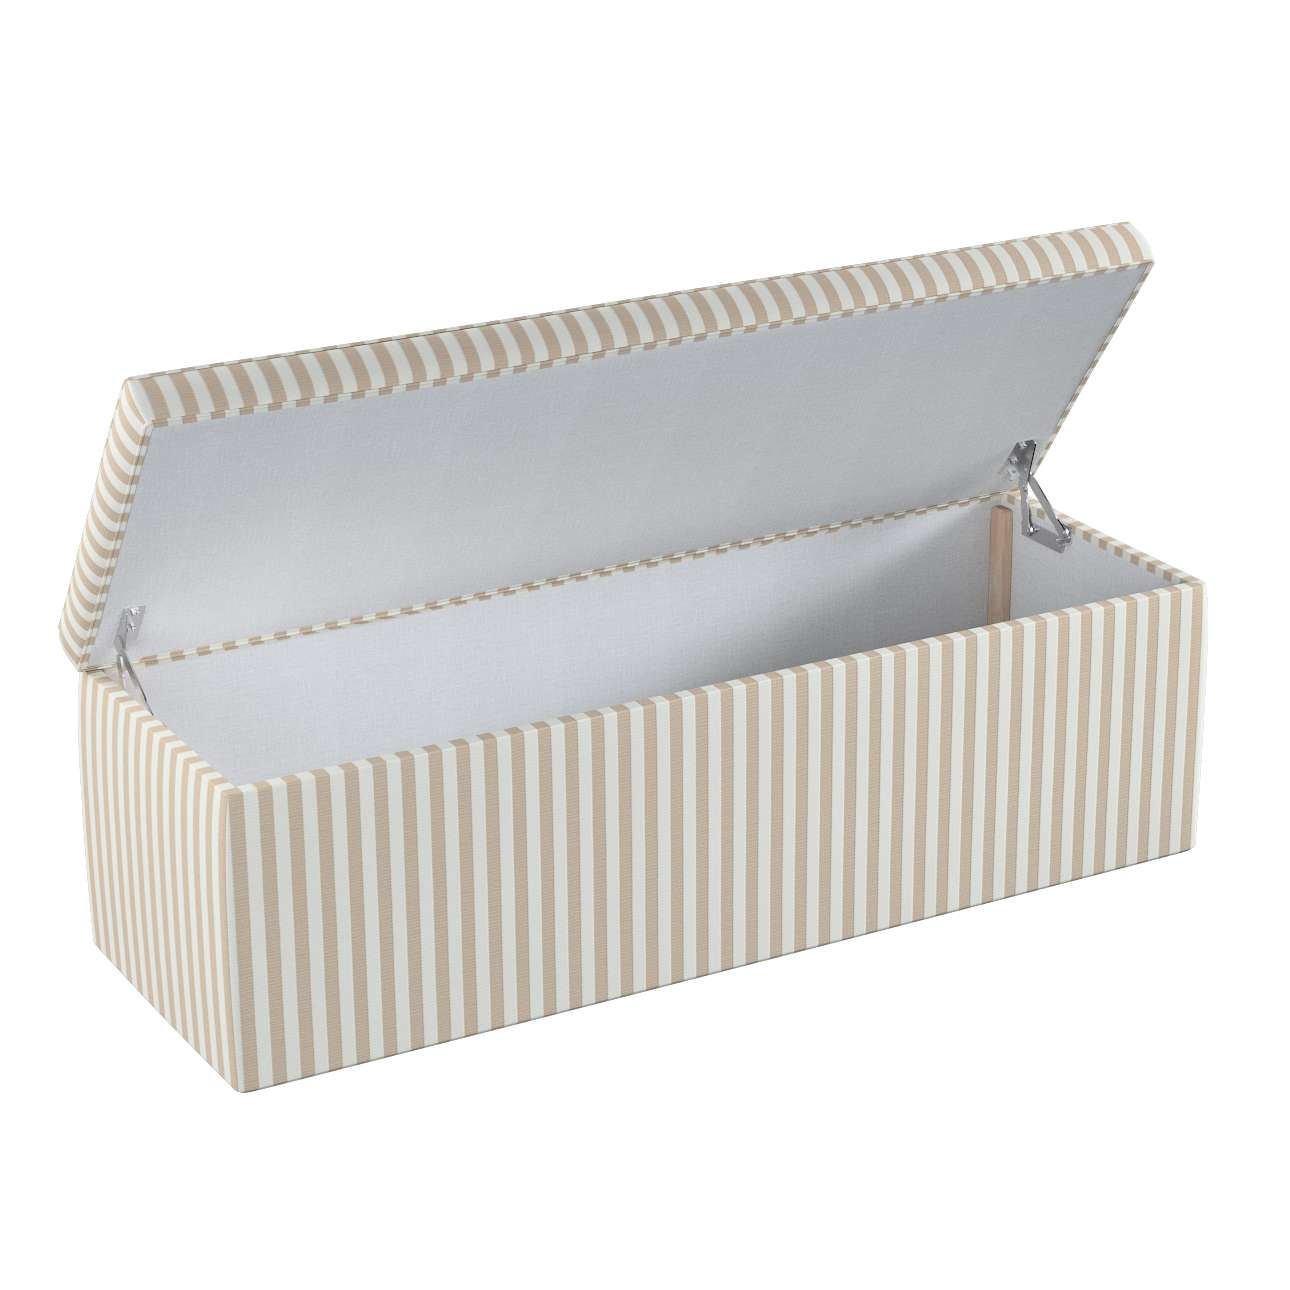 Čalouněná skřín 90 x 40 x 40 cm v kolekci Quadro, látka: 136-07